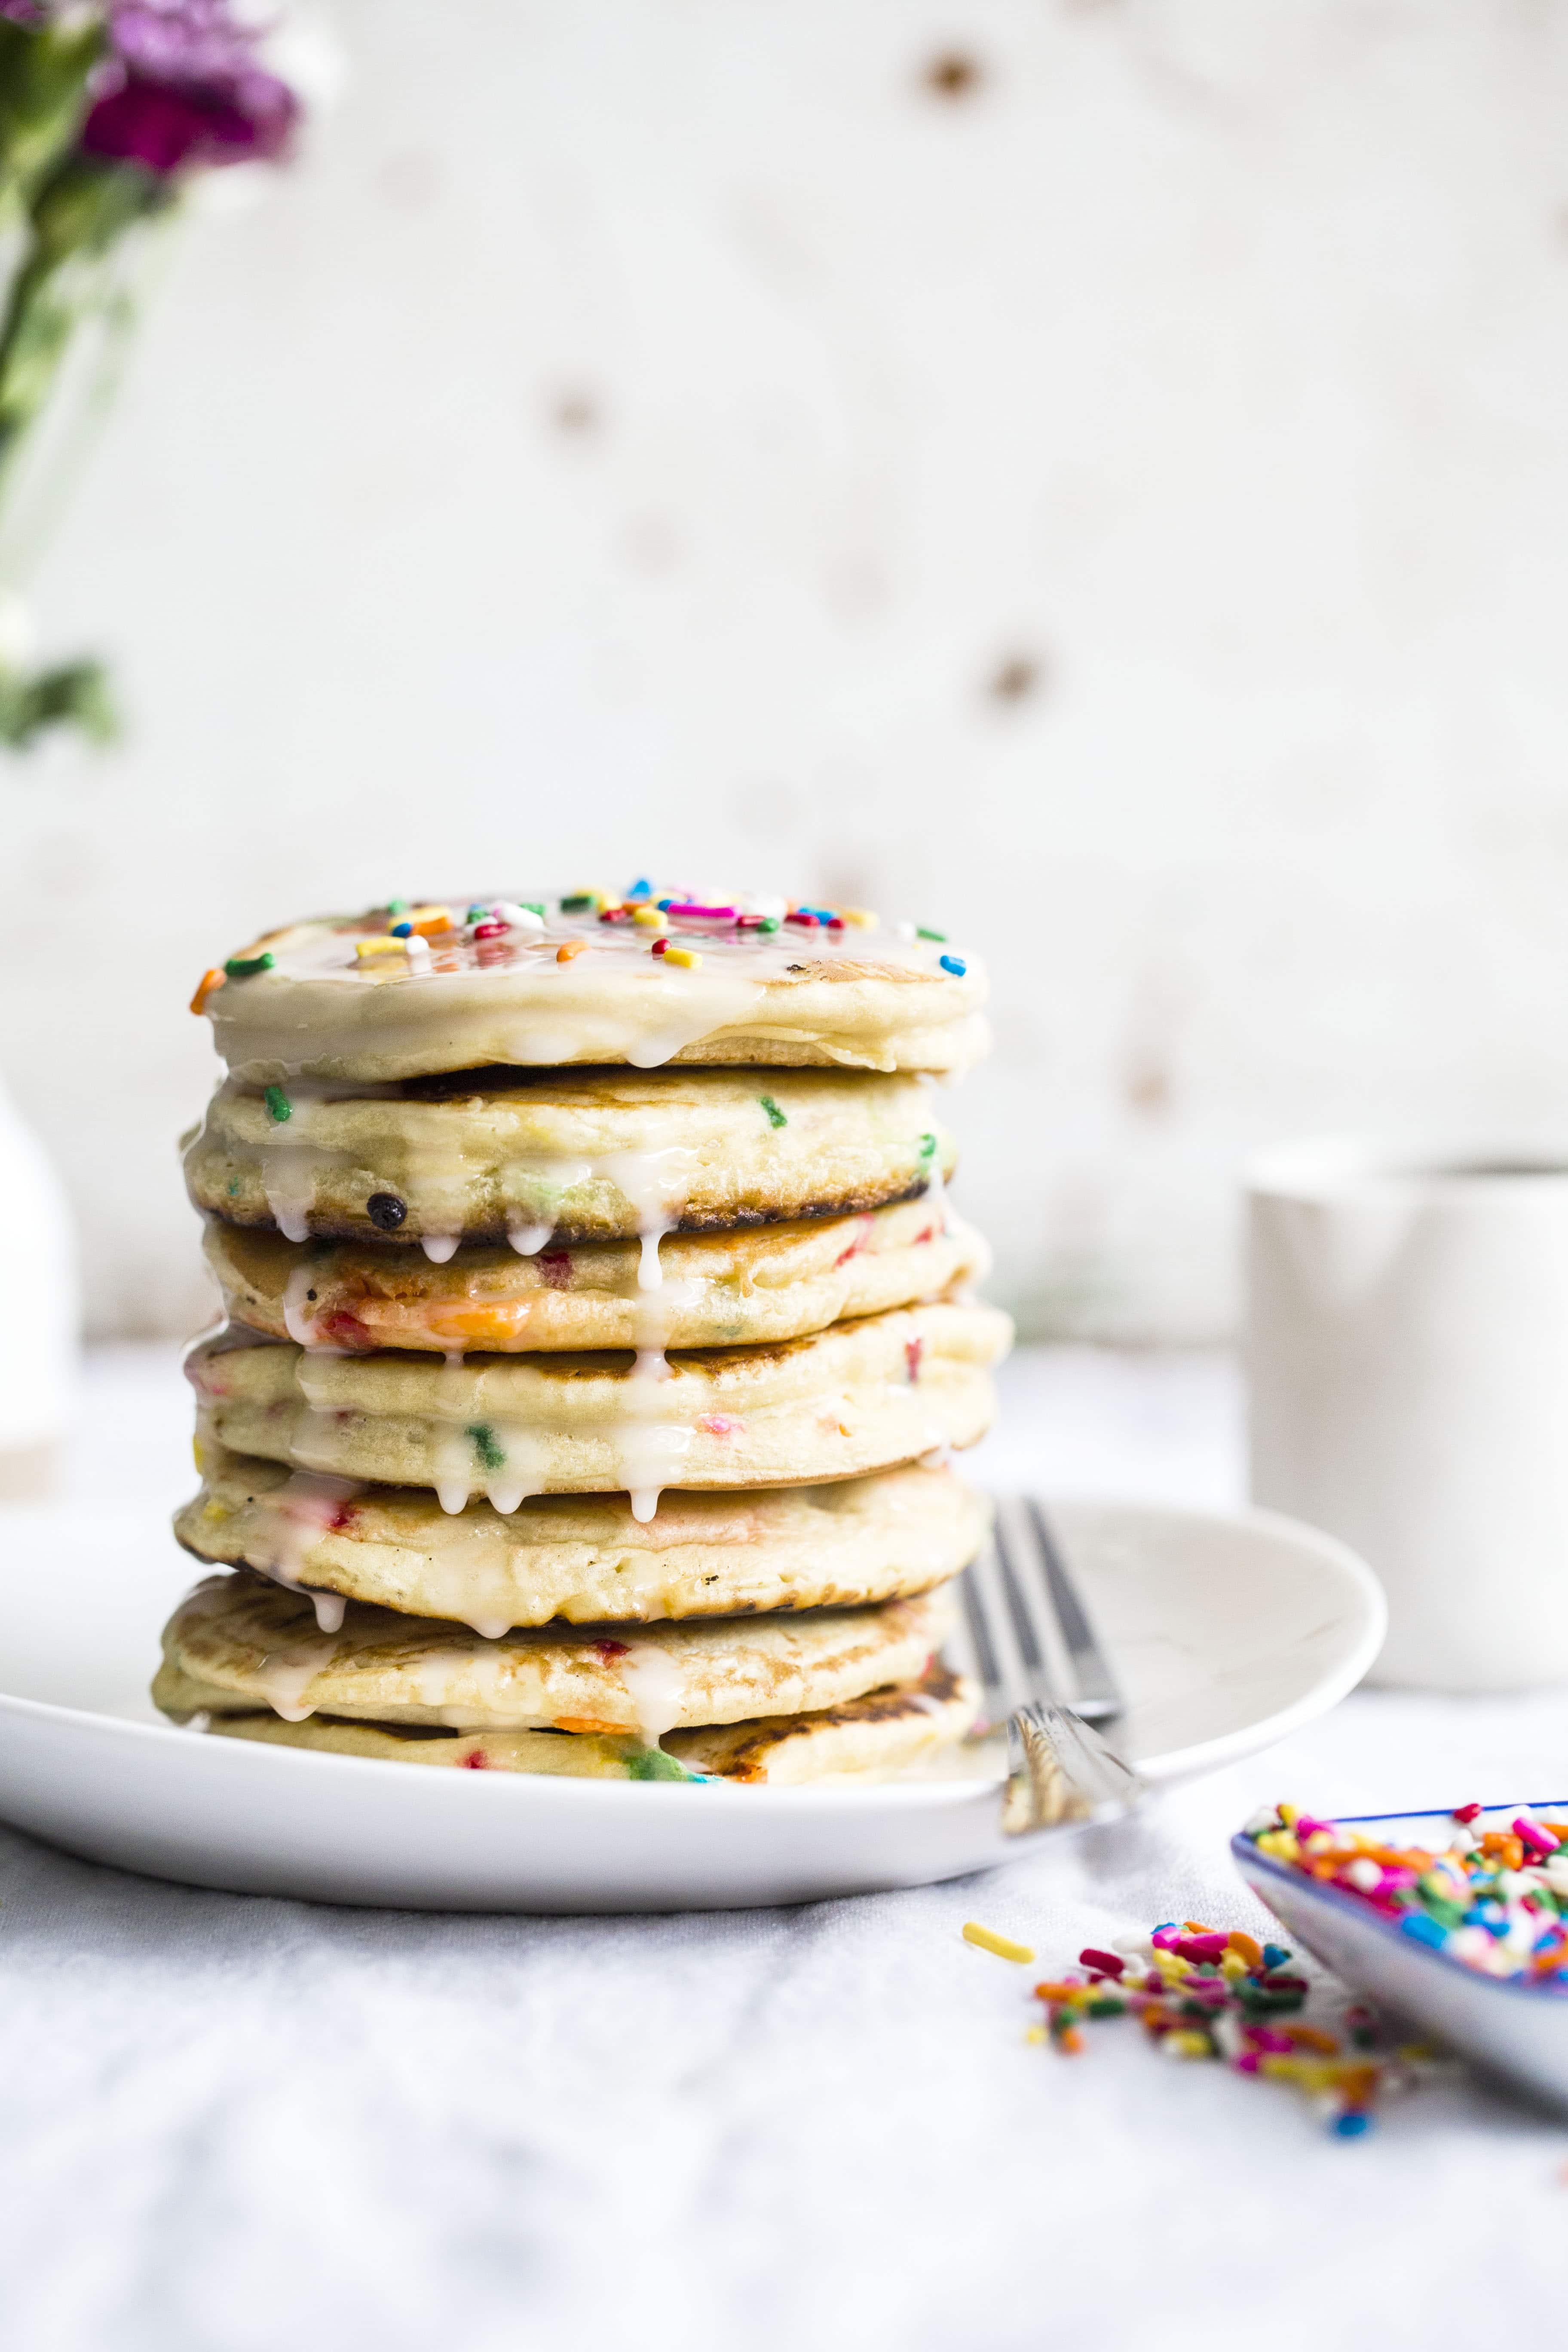 Cake Batter Pancakes I Howsweeteats Cakebatter Breakfast Sprinkles